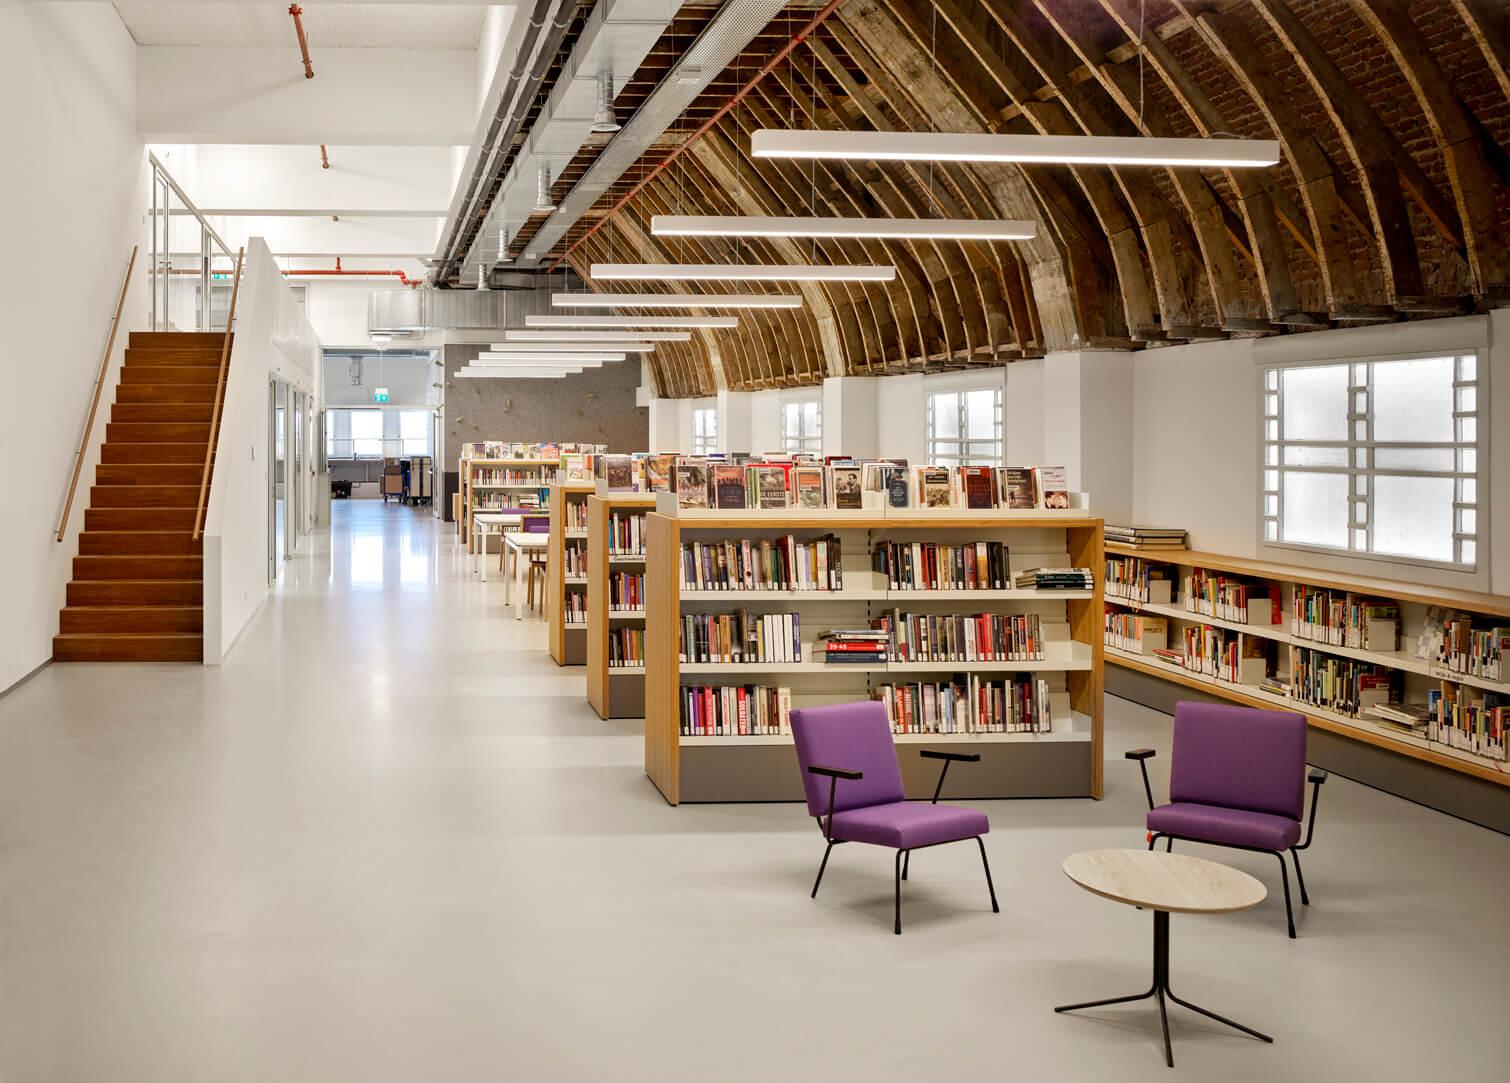 Bibliotheek Utrecht Neude uitleen